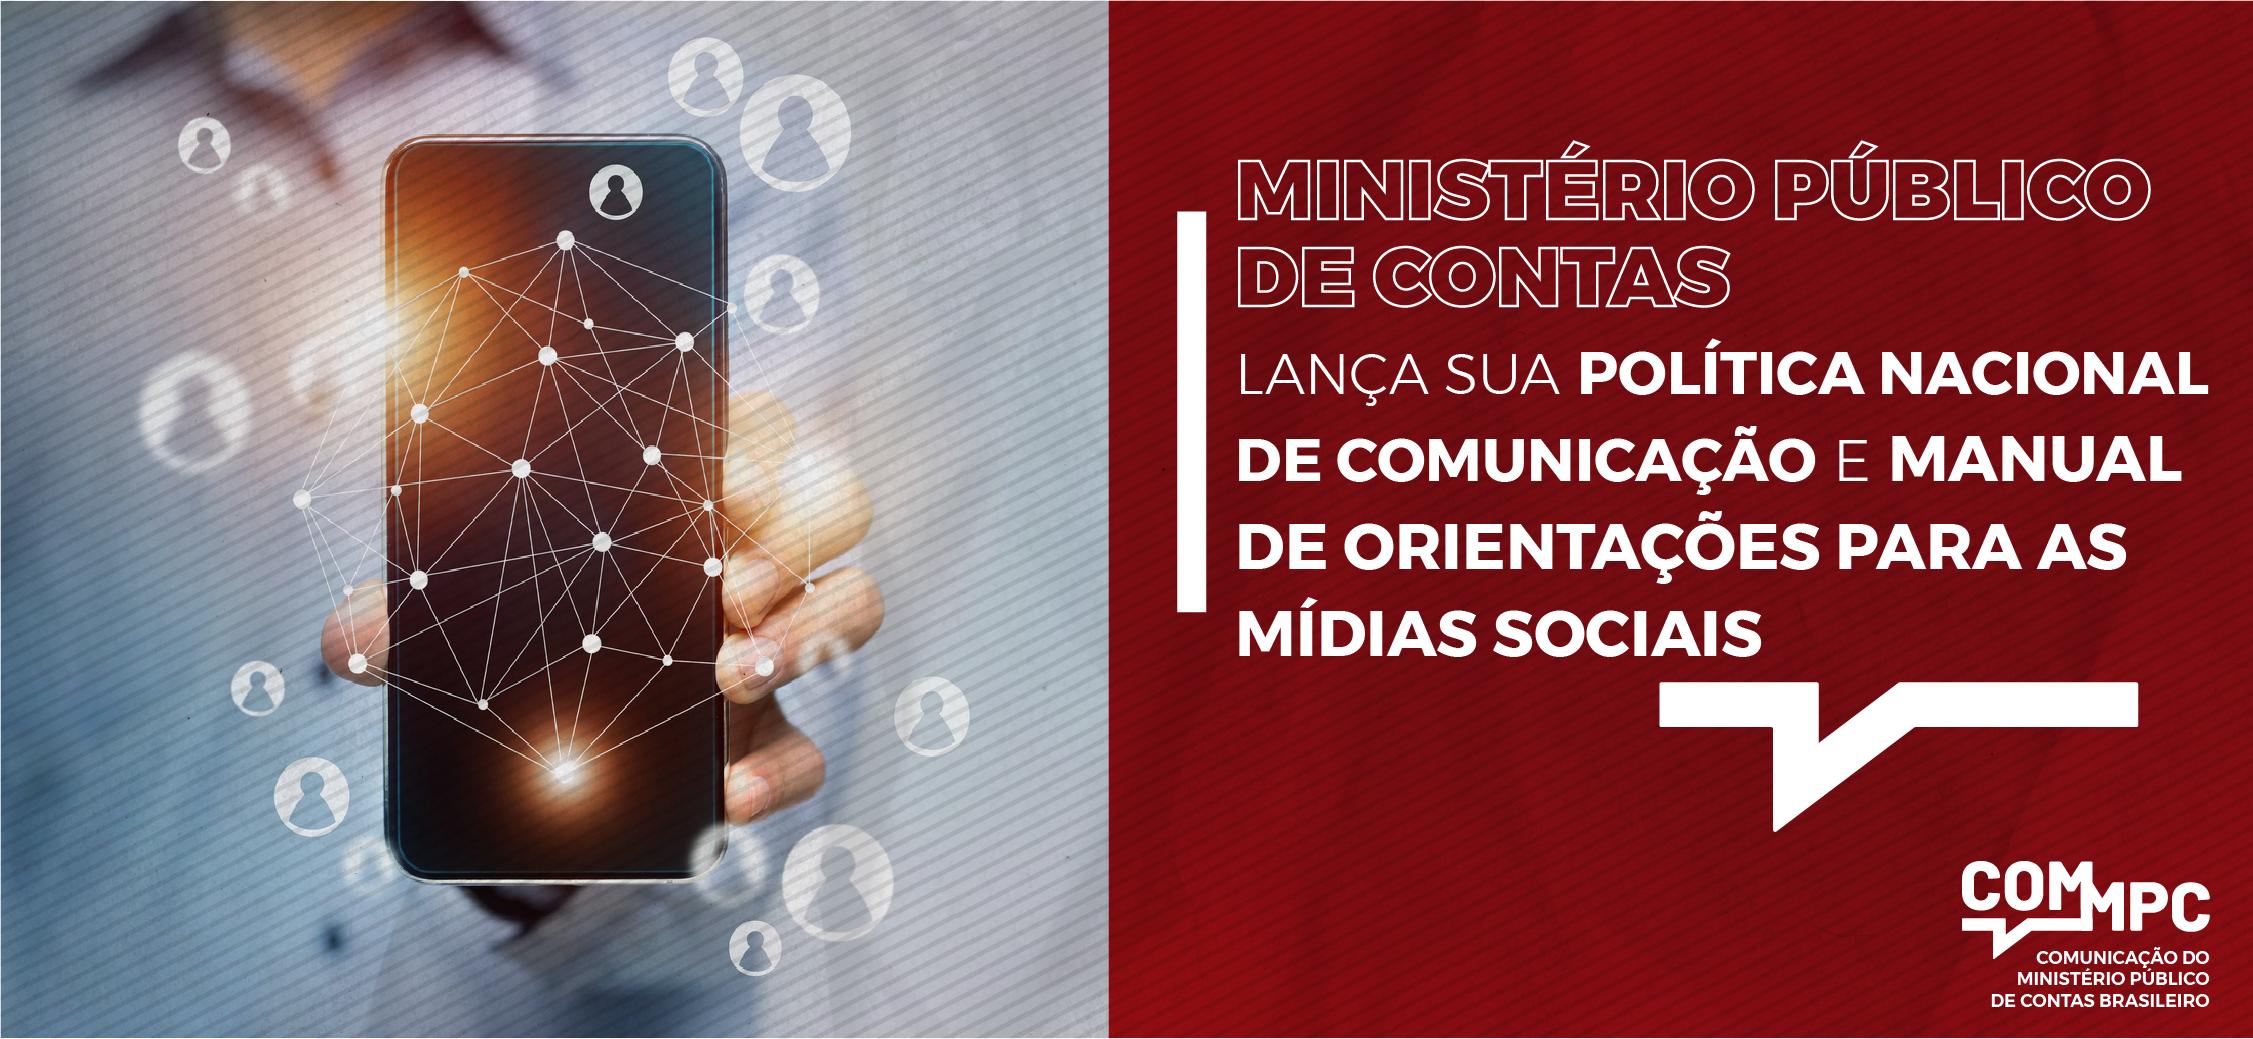 Ministério Público de Contas lança sua Política Nacional de Comunicação e Manual de Orientações para as Mídias Sociais